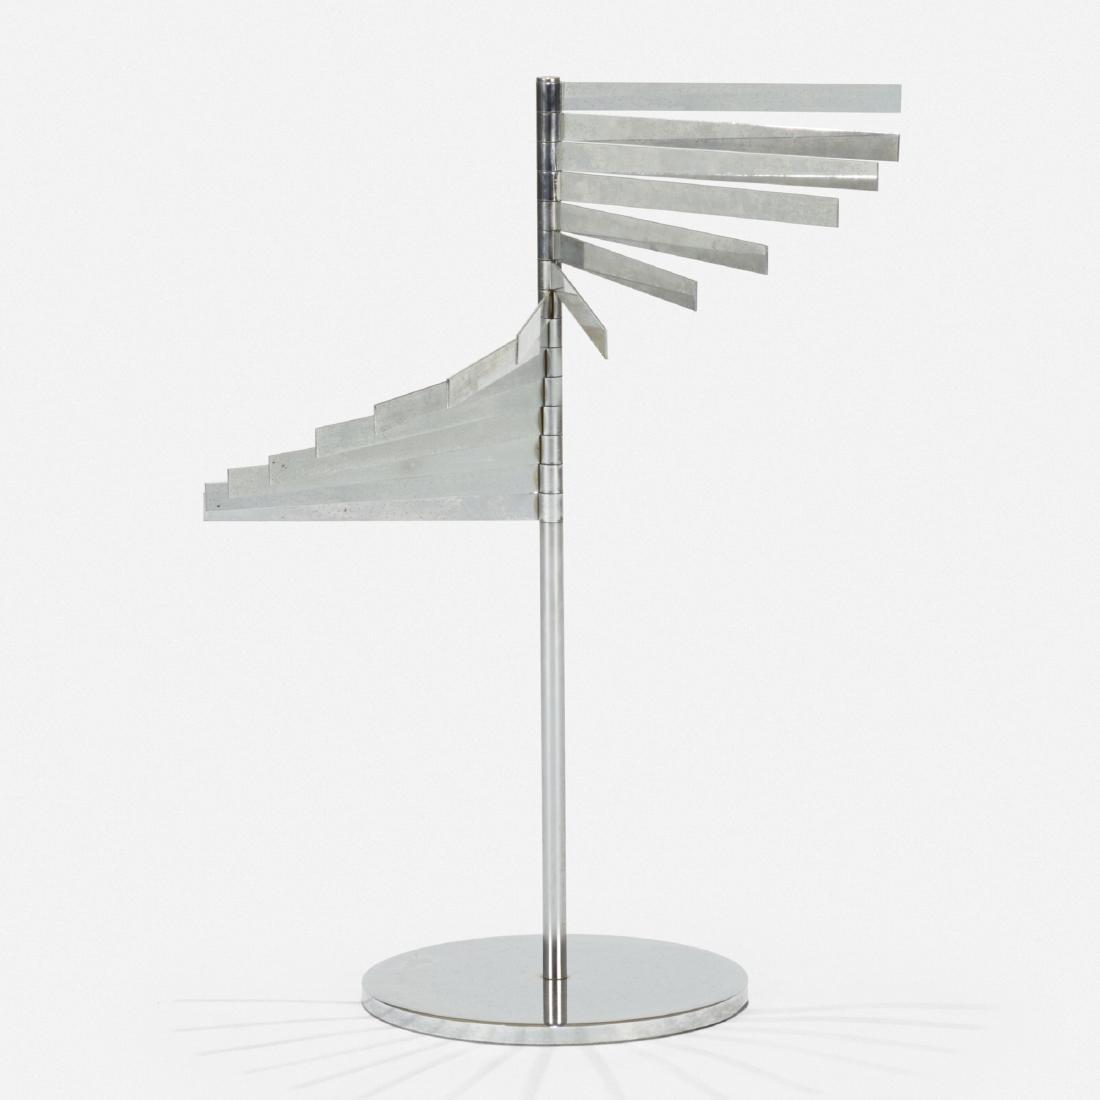 Hugh Acton, prototype magazine rack